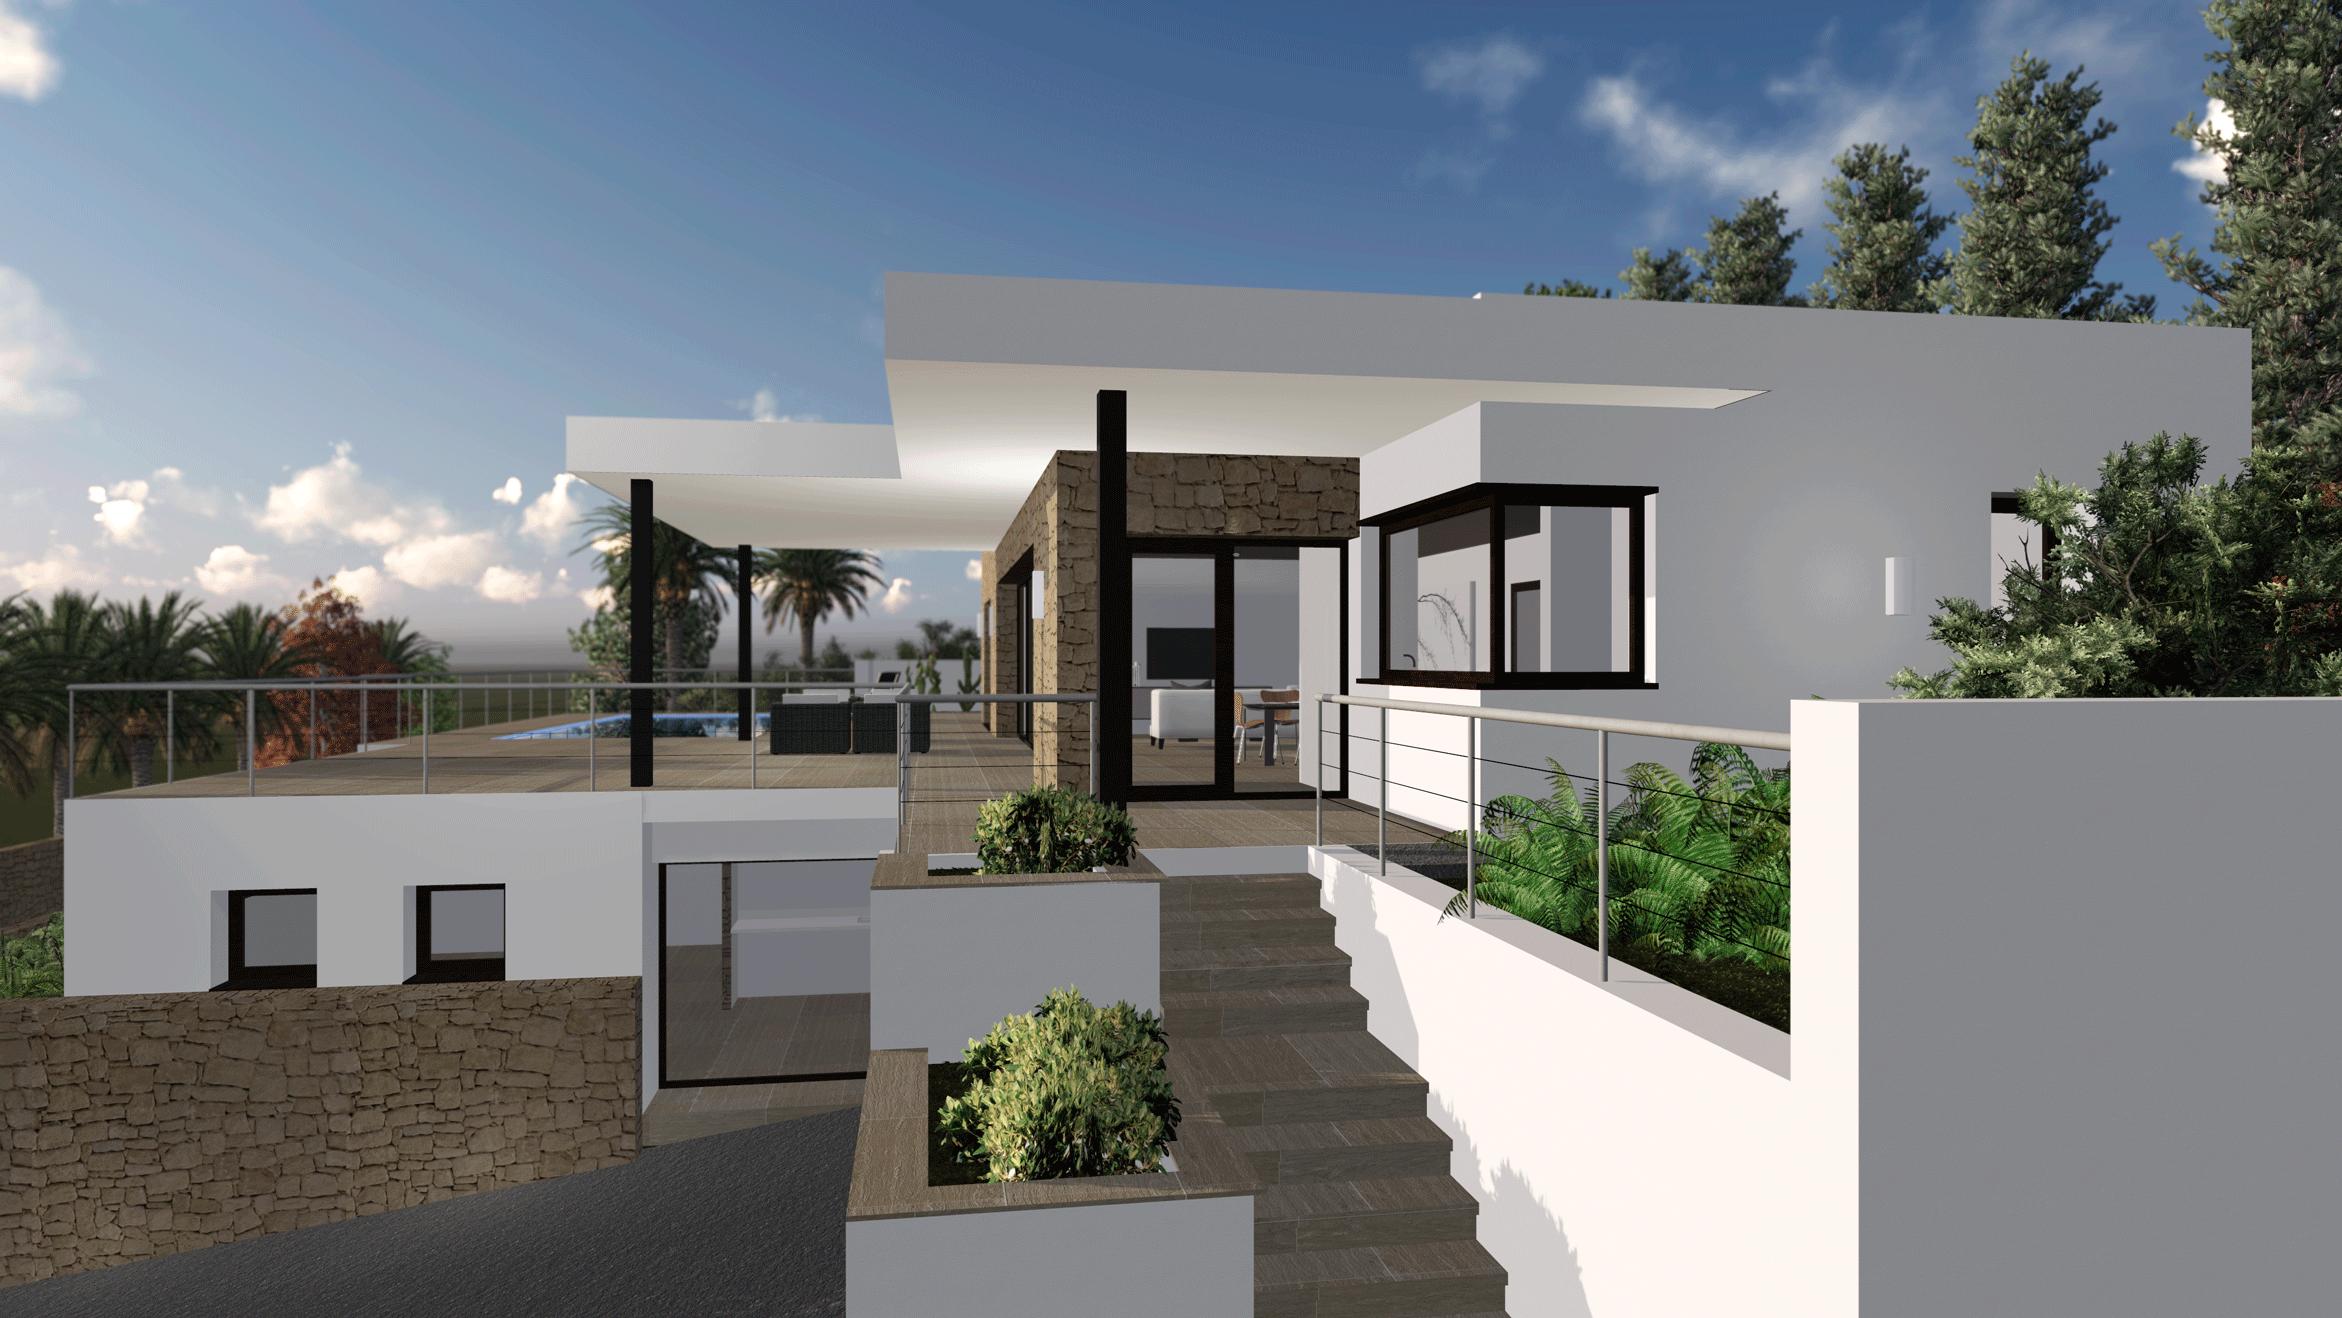 Vivienda en benitachell bac estudio - Arquitectos espanoles actuales ...